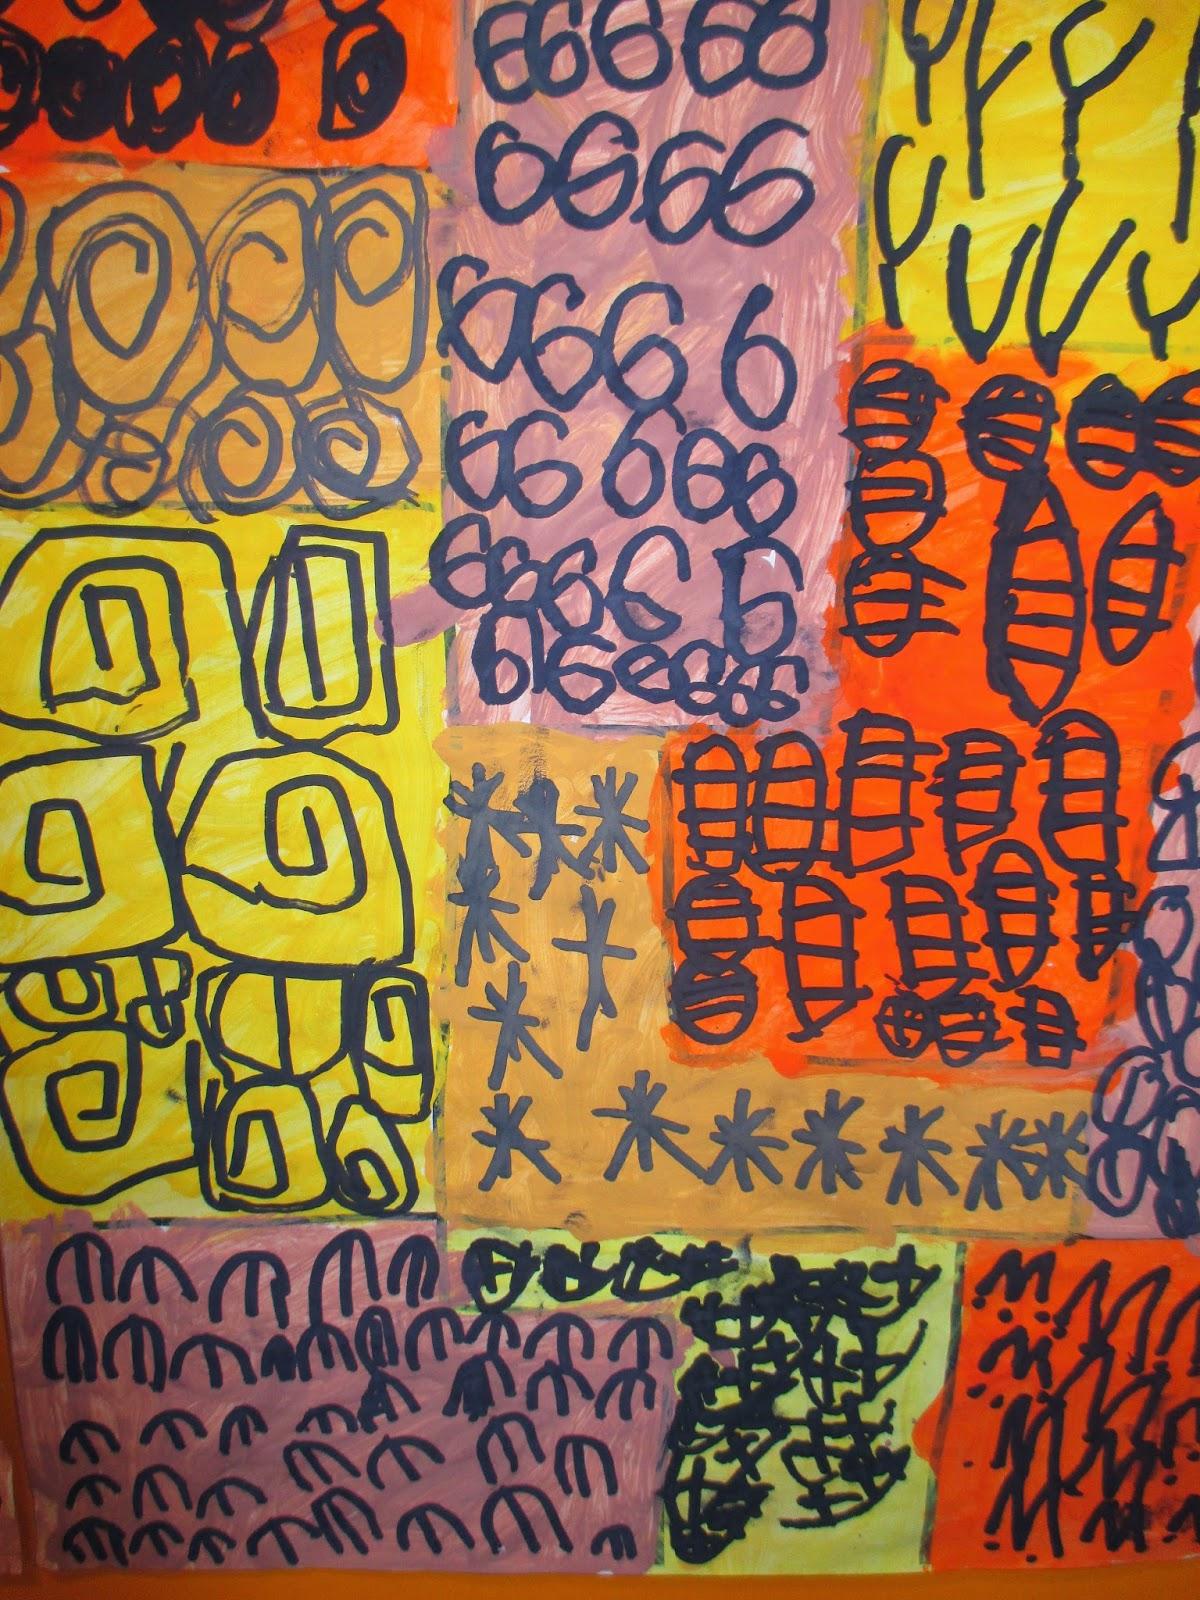 Ecole edouard manceau de rai - Motifs africains maternelle ...